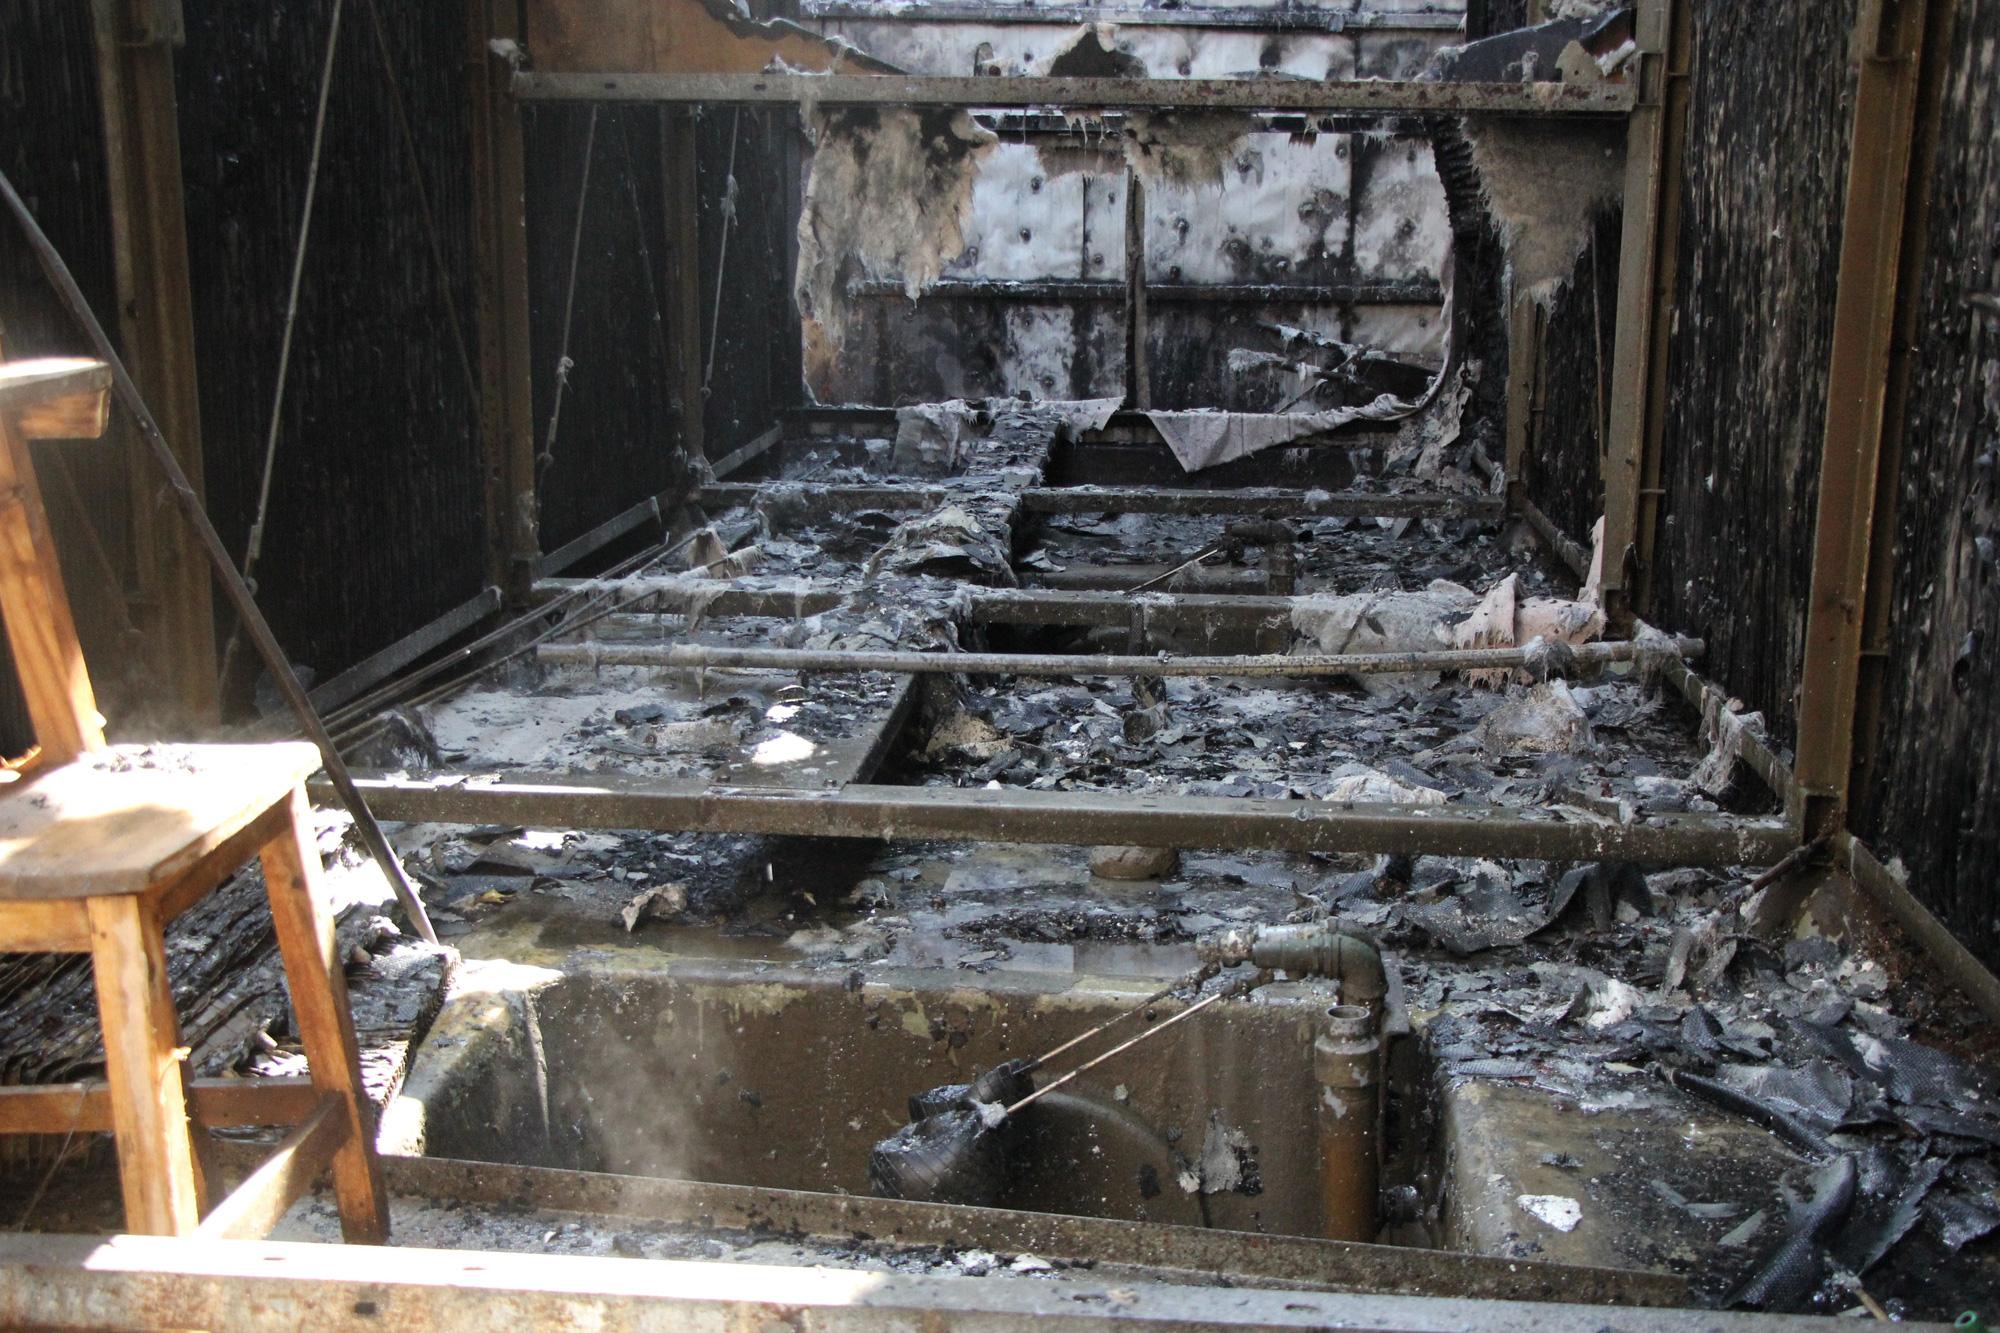 Hà Nội: Cháy hệ thống điều hòa chung cư, hàng trăm người hoảng loạn bỏ chạy - Ảnh 4.